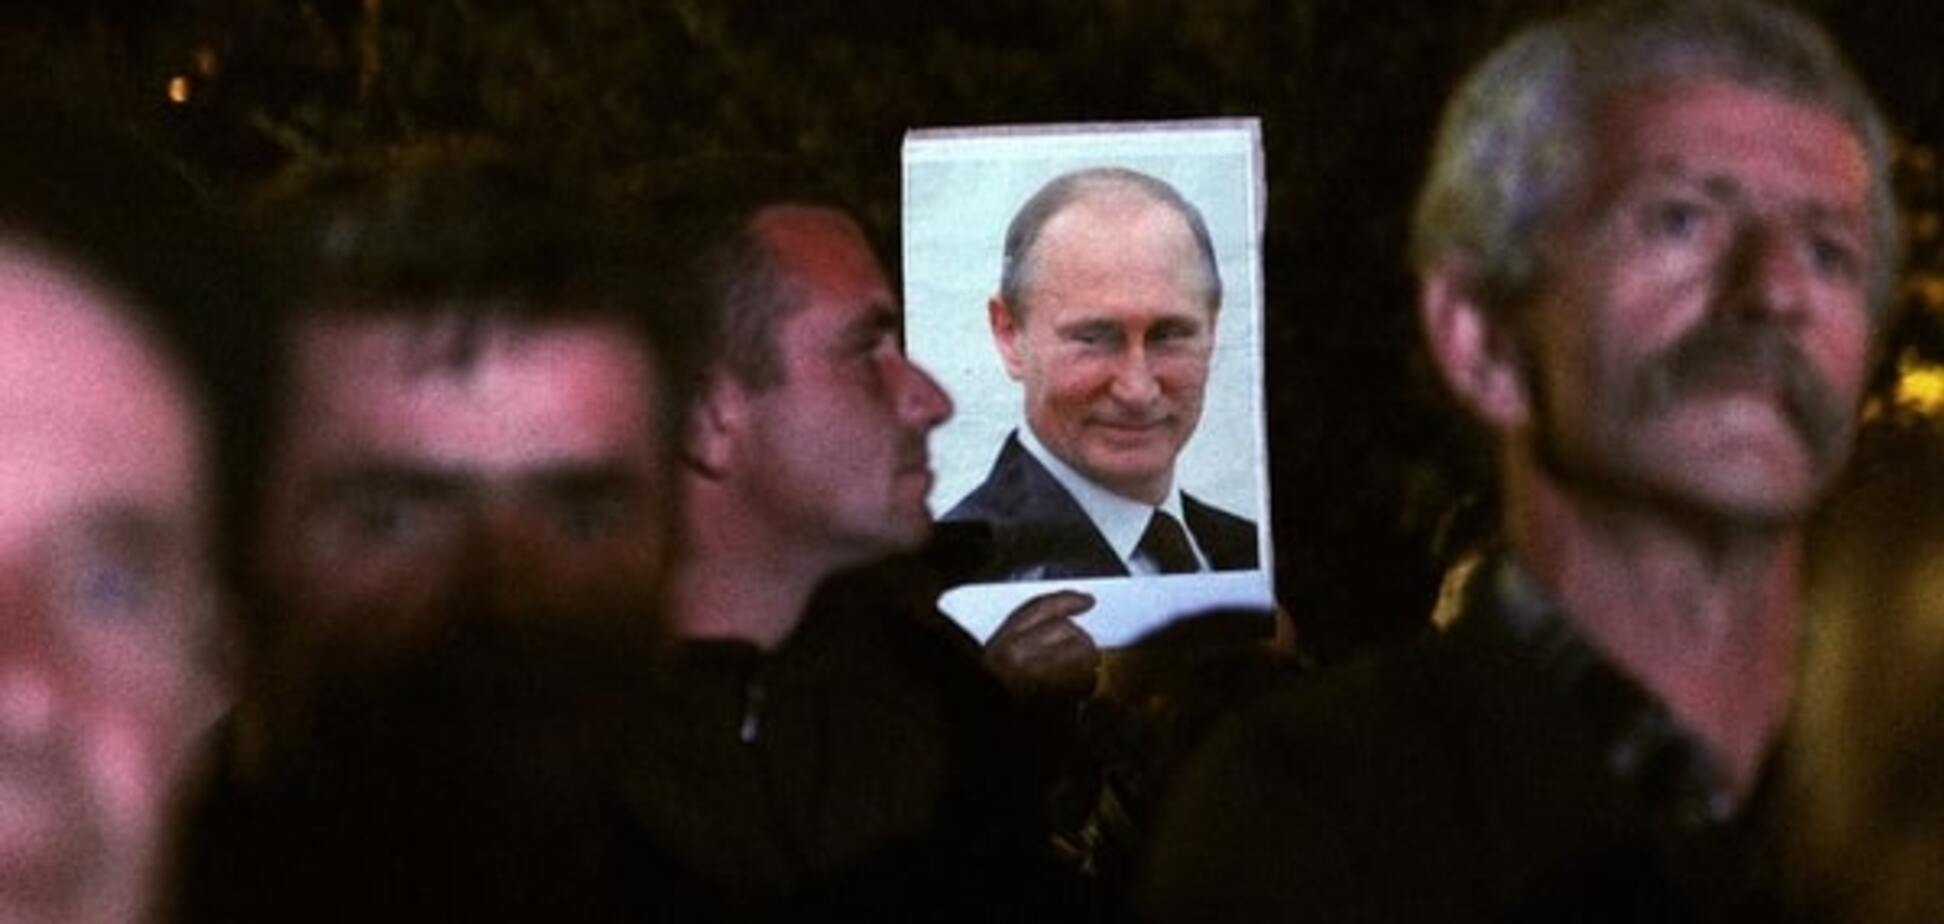 І тут Путін встиг: протести в Чорногорії заважають вступу в НАТО - Forbes